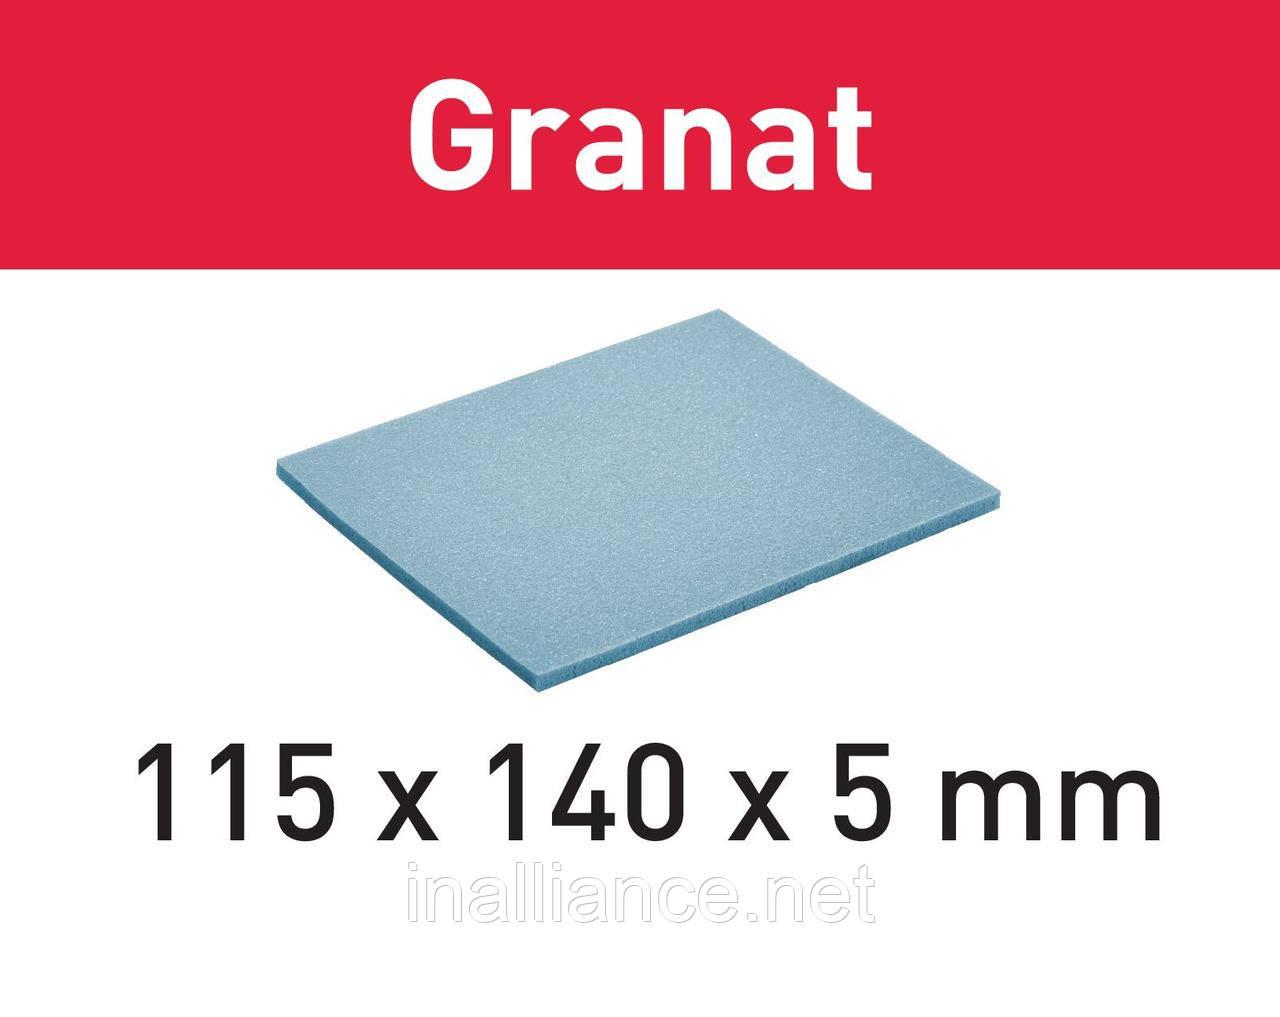 Губка шлифовальная 115 мм x 140 мм x 5 мм EF 500 GR/20 Festool 201099